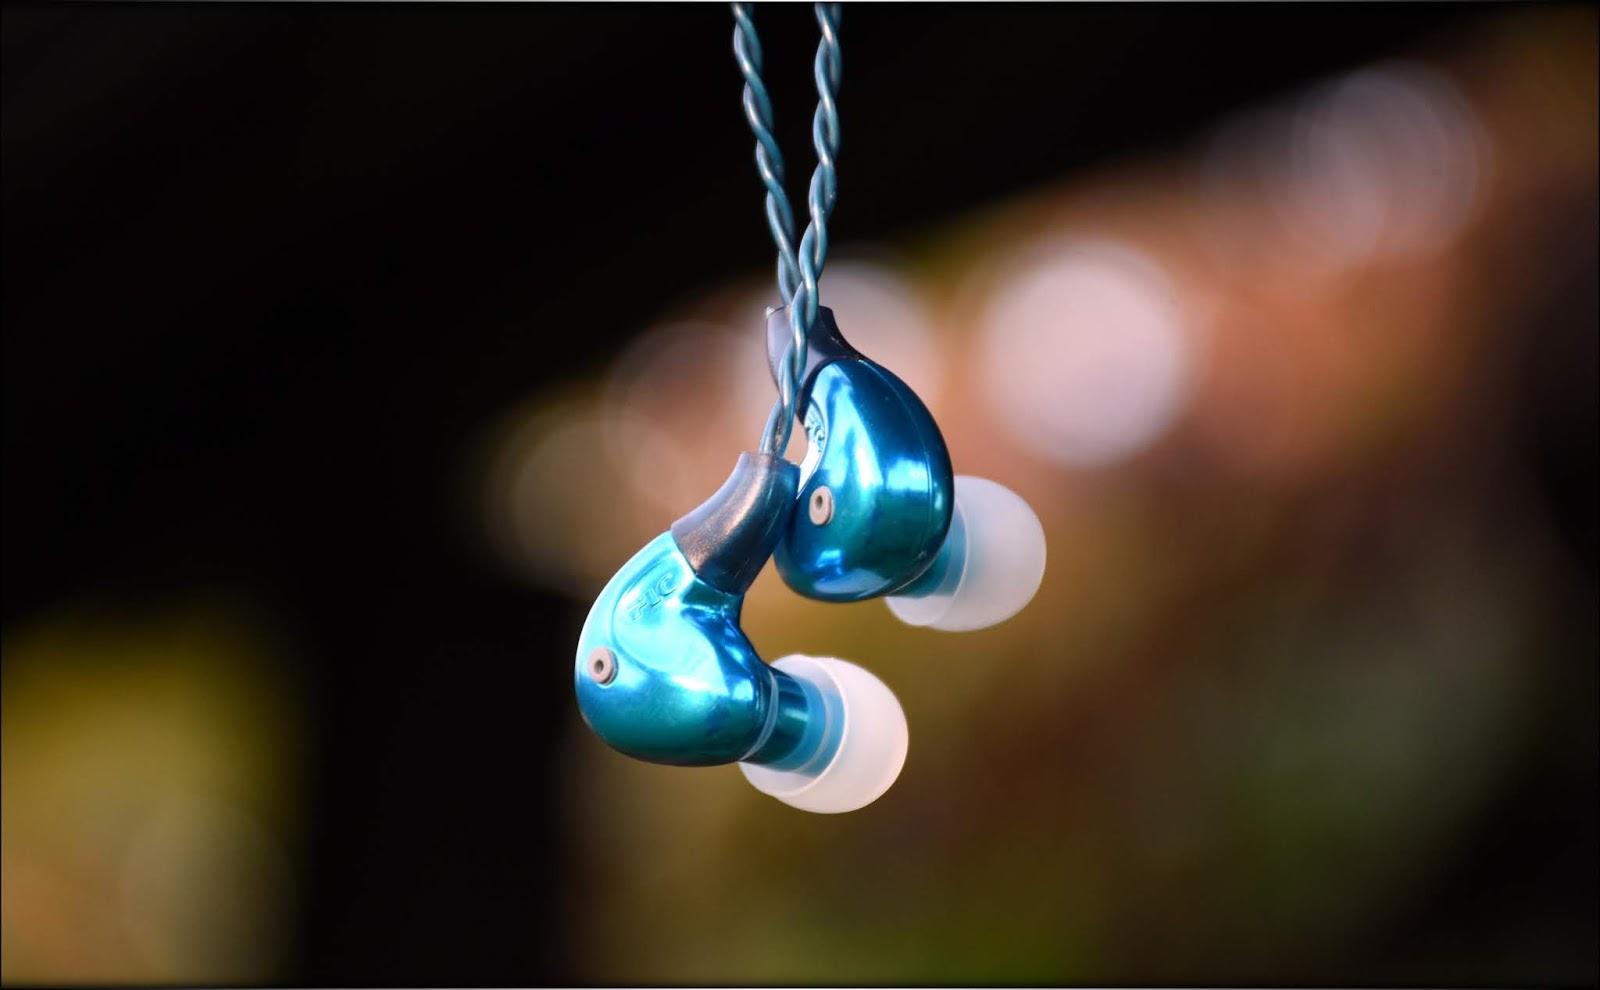 FLCN-8N-FLC8N-IEM-Earphone-Review-Audiophile-Heaven-21.jpg